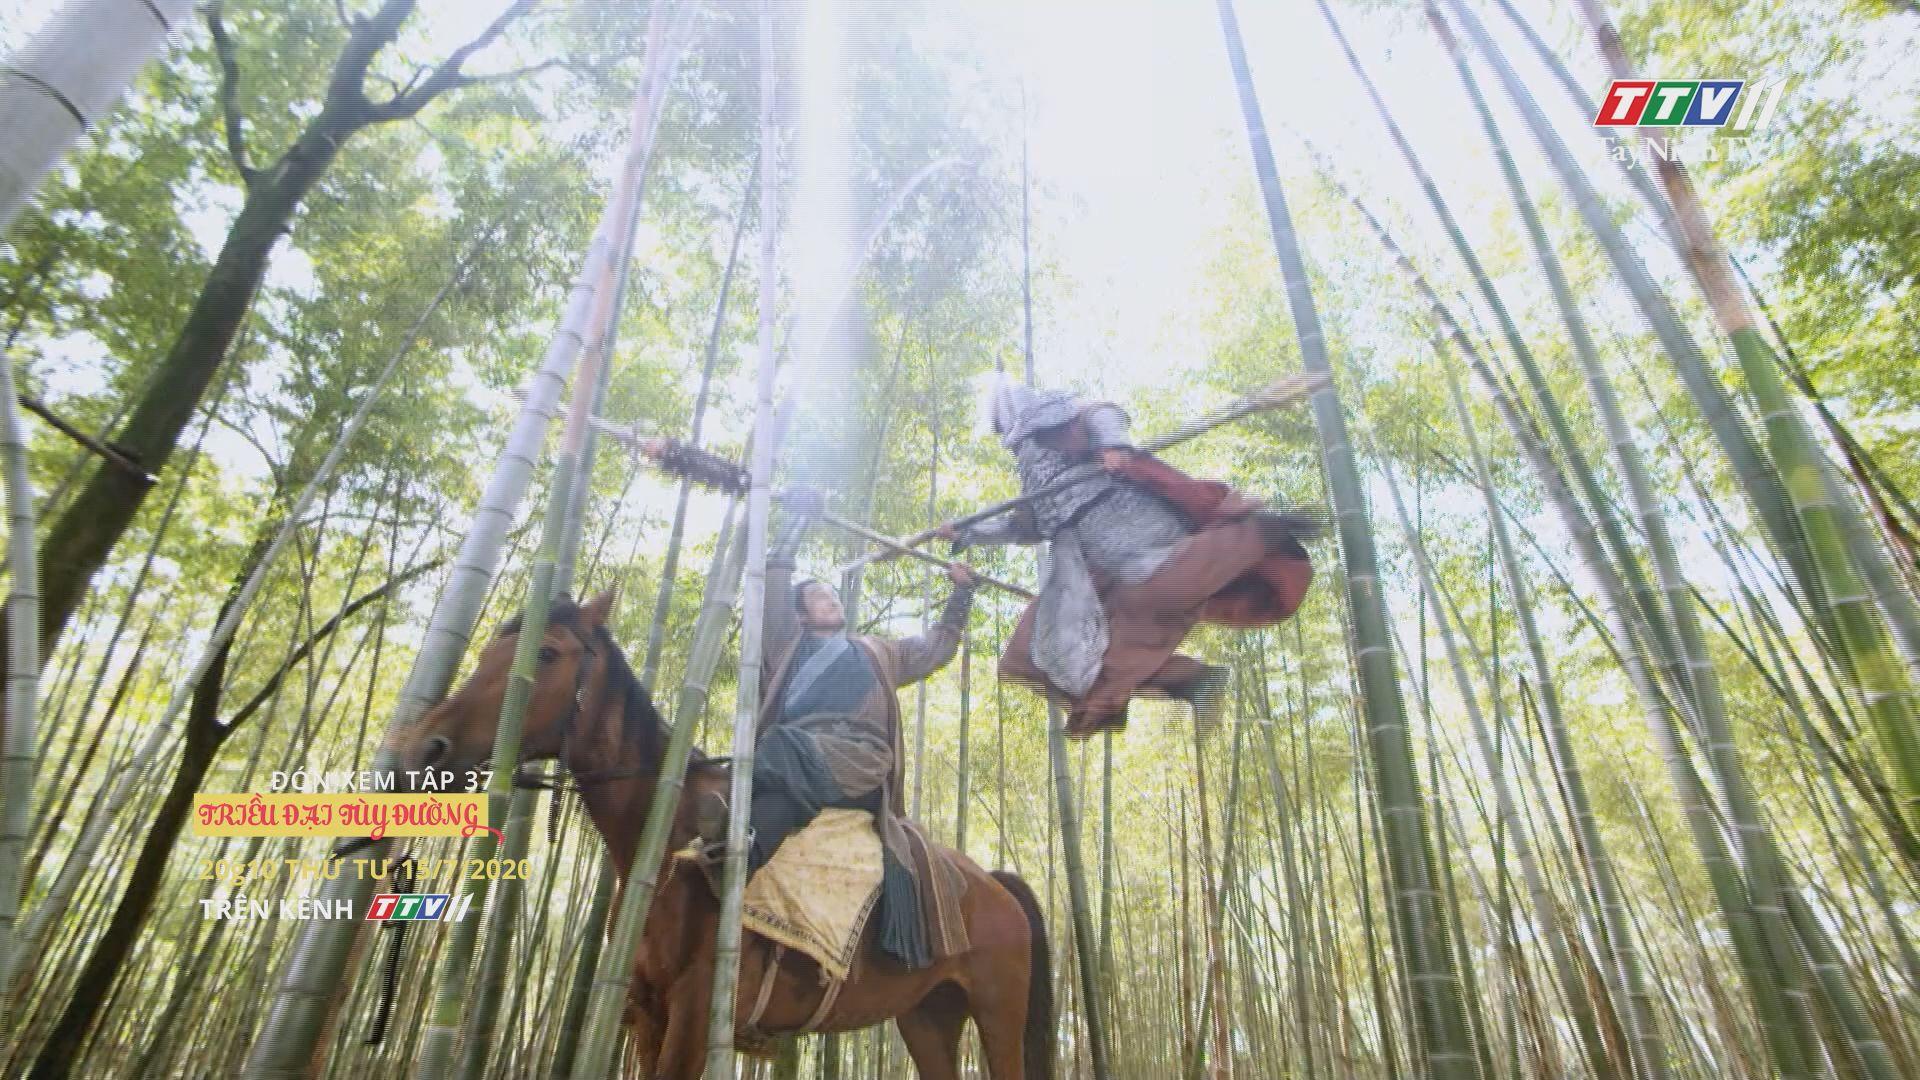 Triều đại Tùy Đường - TẬP 37 trailer   TRIỀU ĐẠI TÙY ĐƯỜNG   TayNinhTV